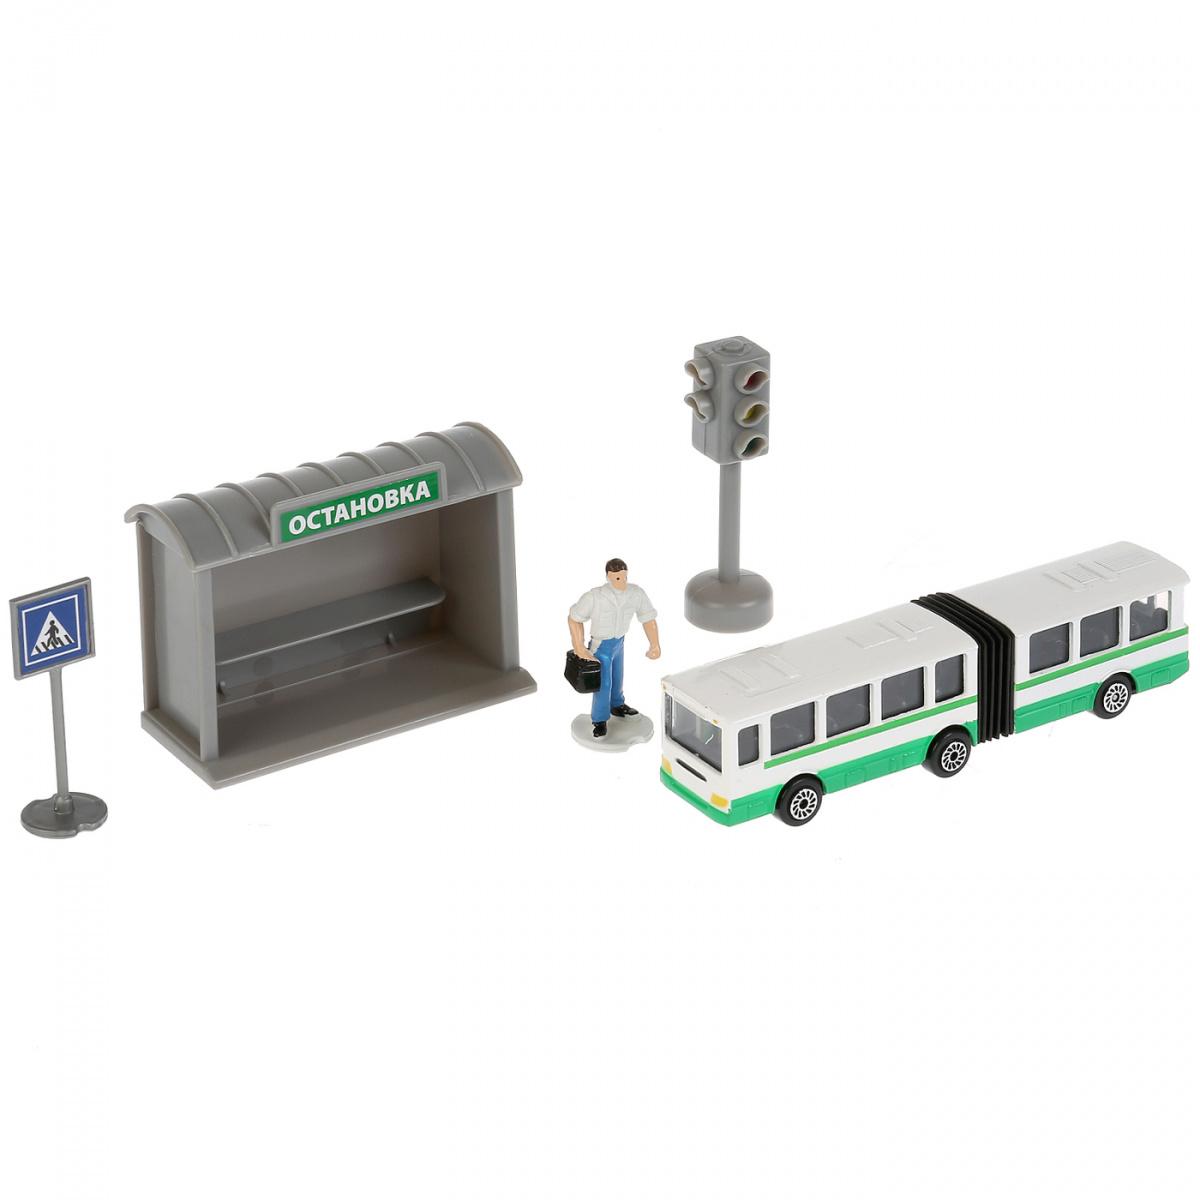 Купить Набор - металлический автобуса с остановкой и аксессуарами, 12 см, Технопарк